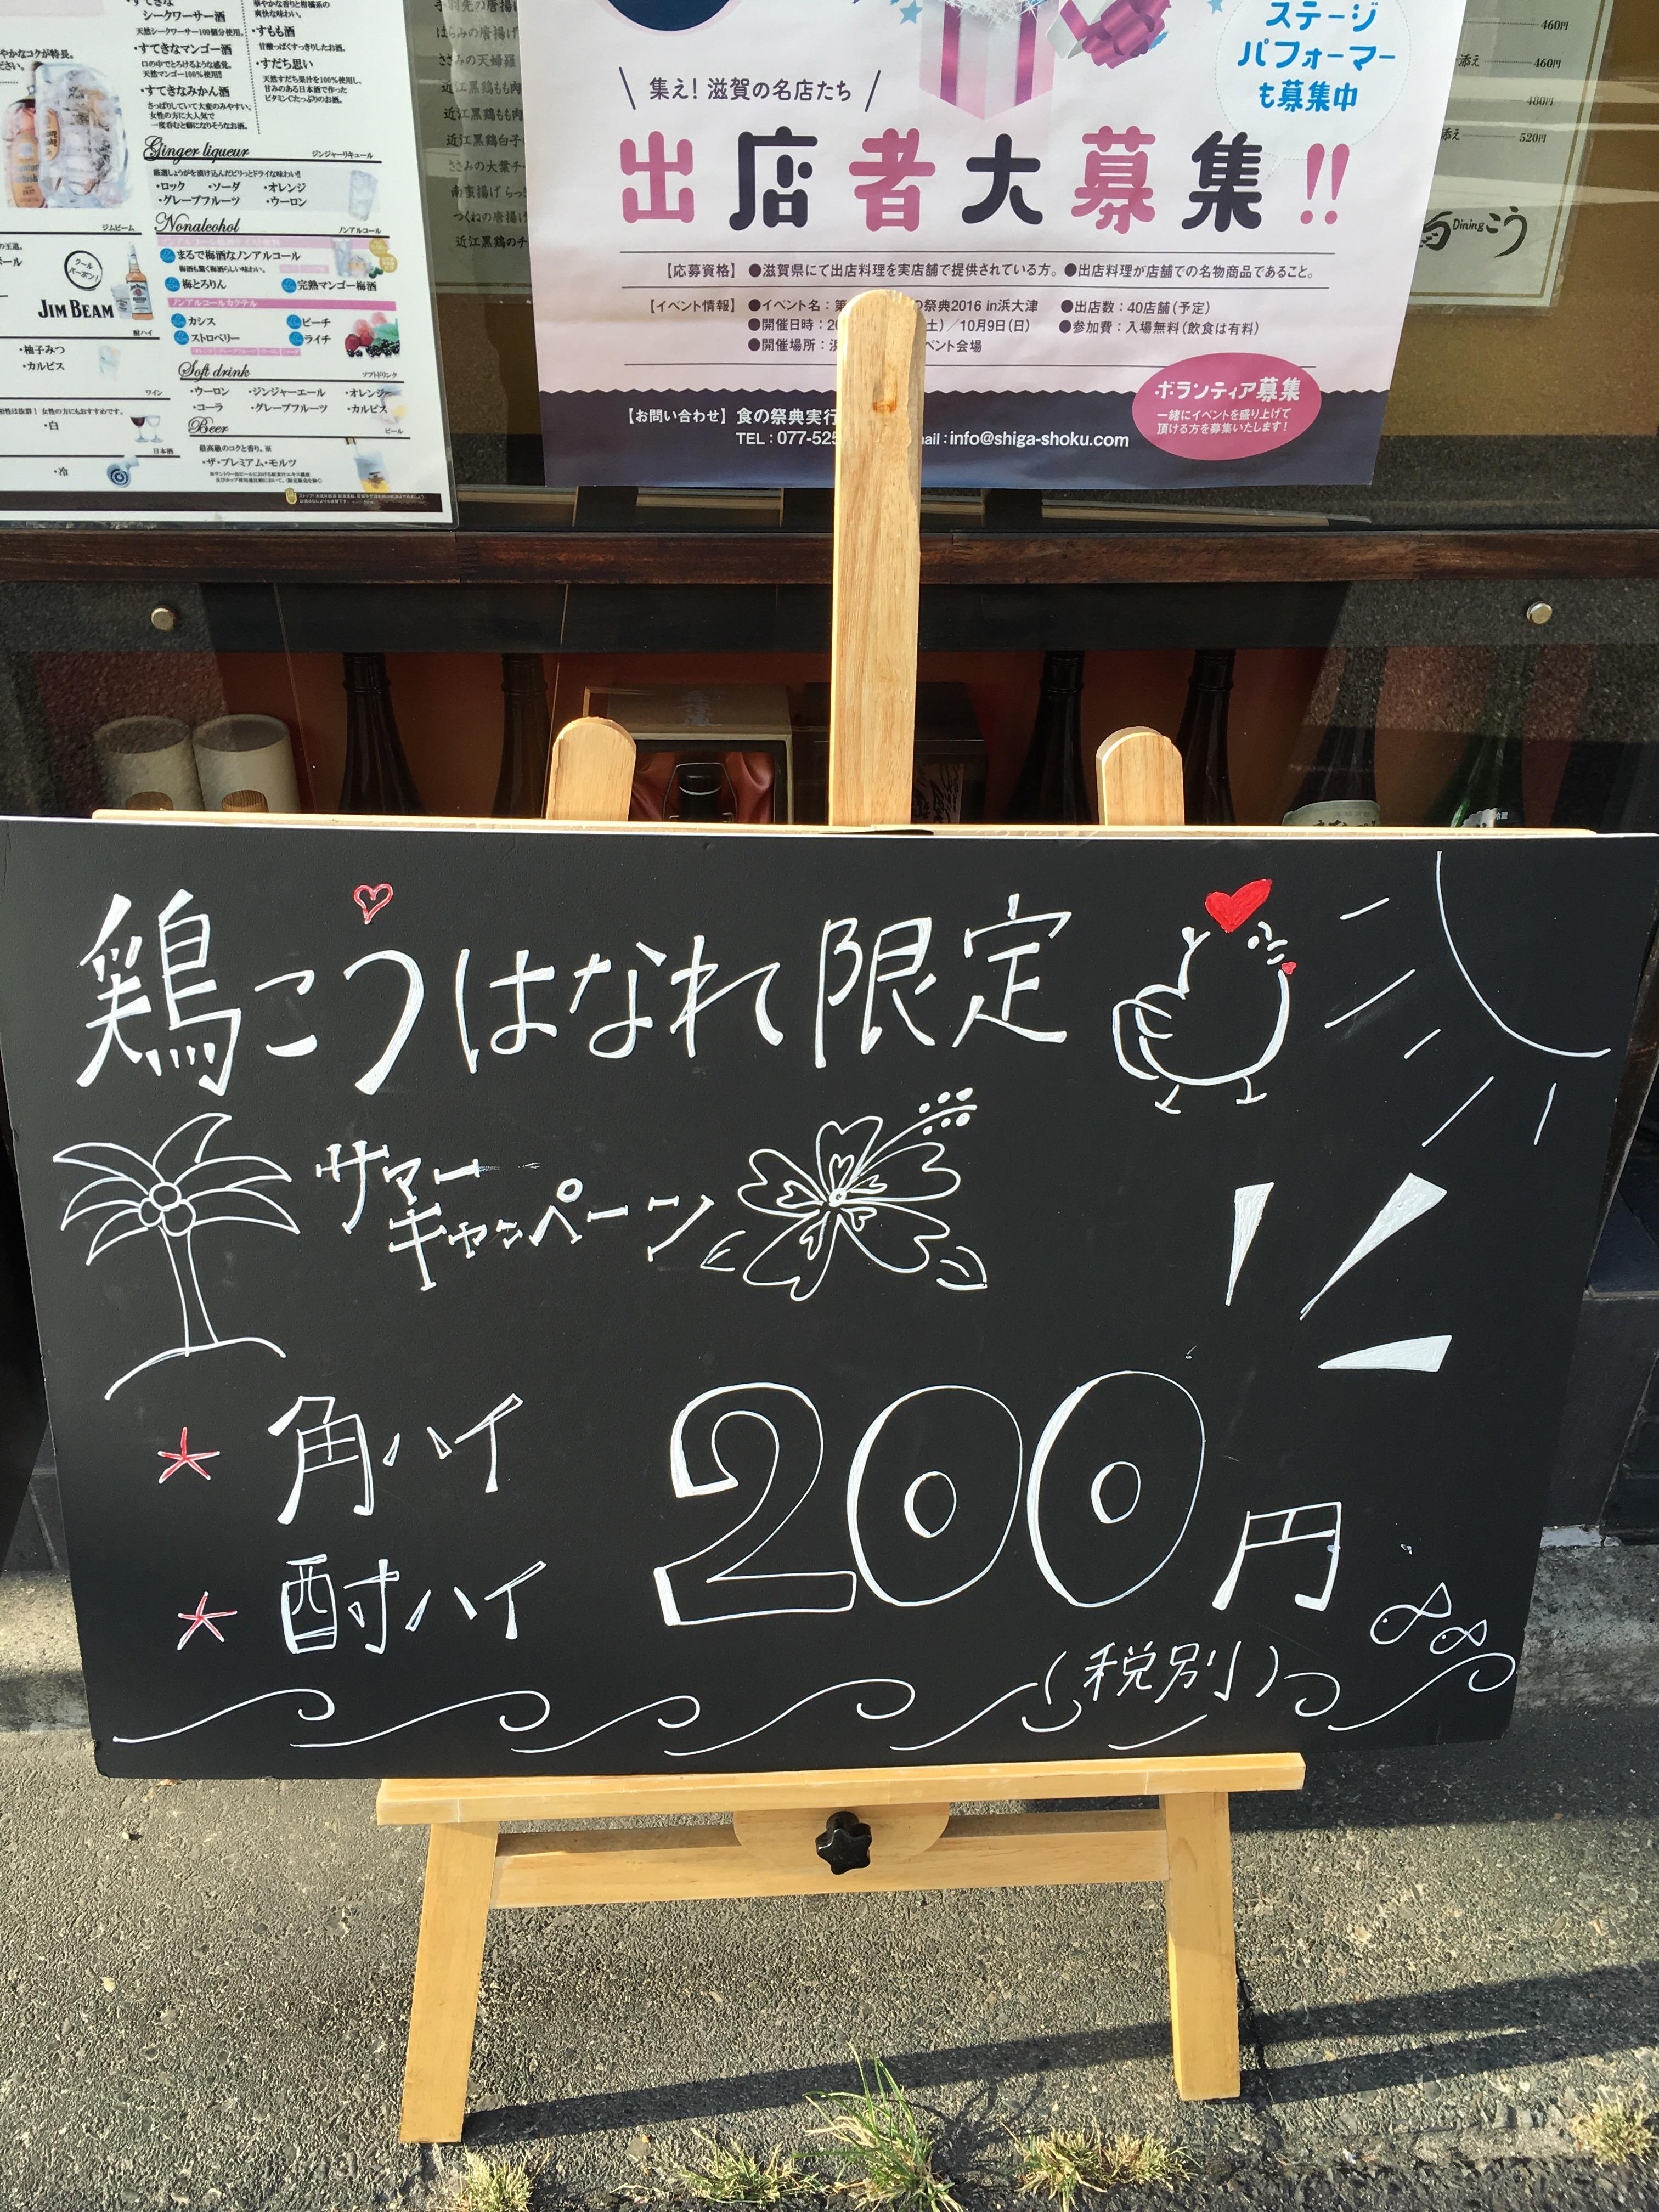 20160823-185731.jpg